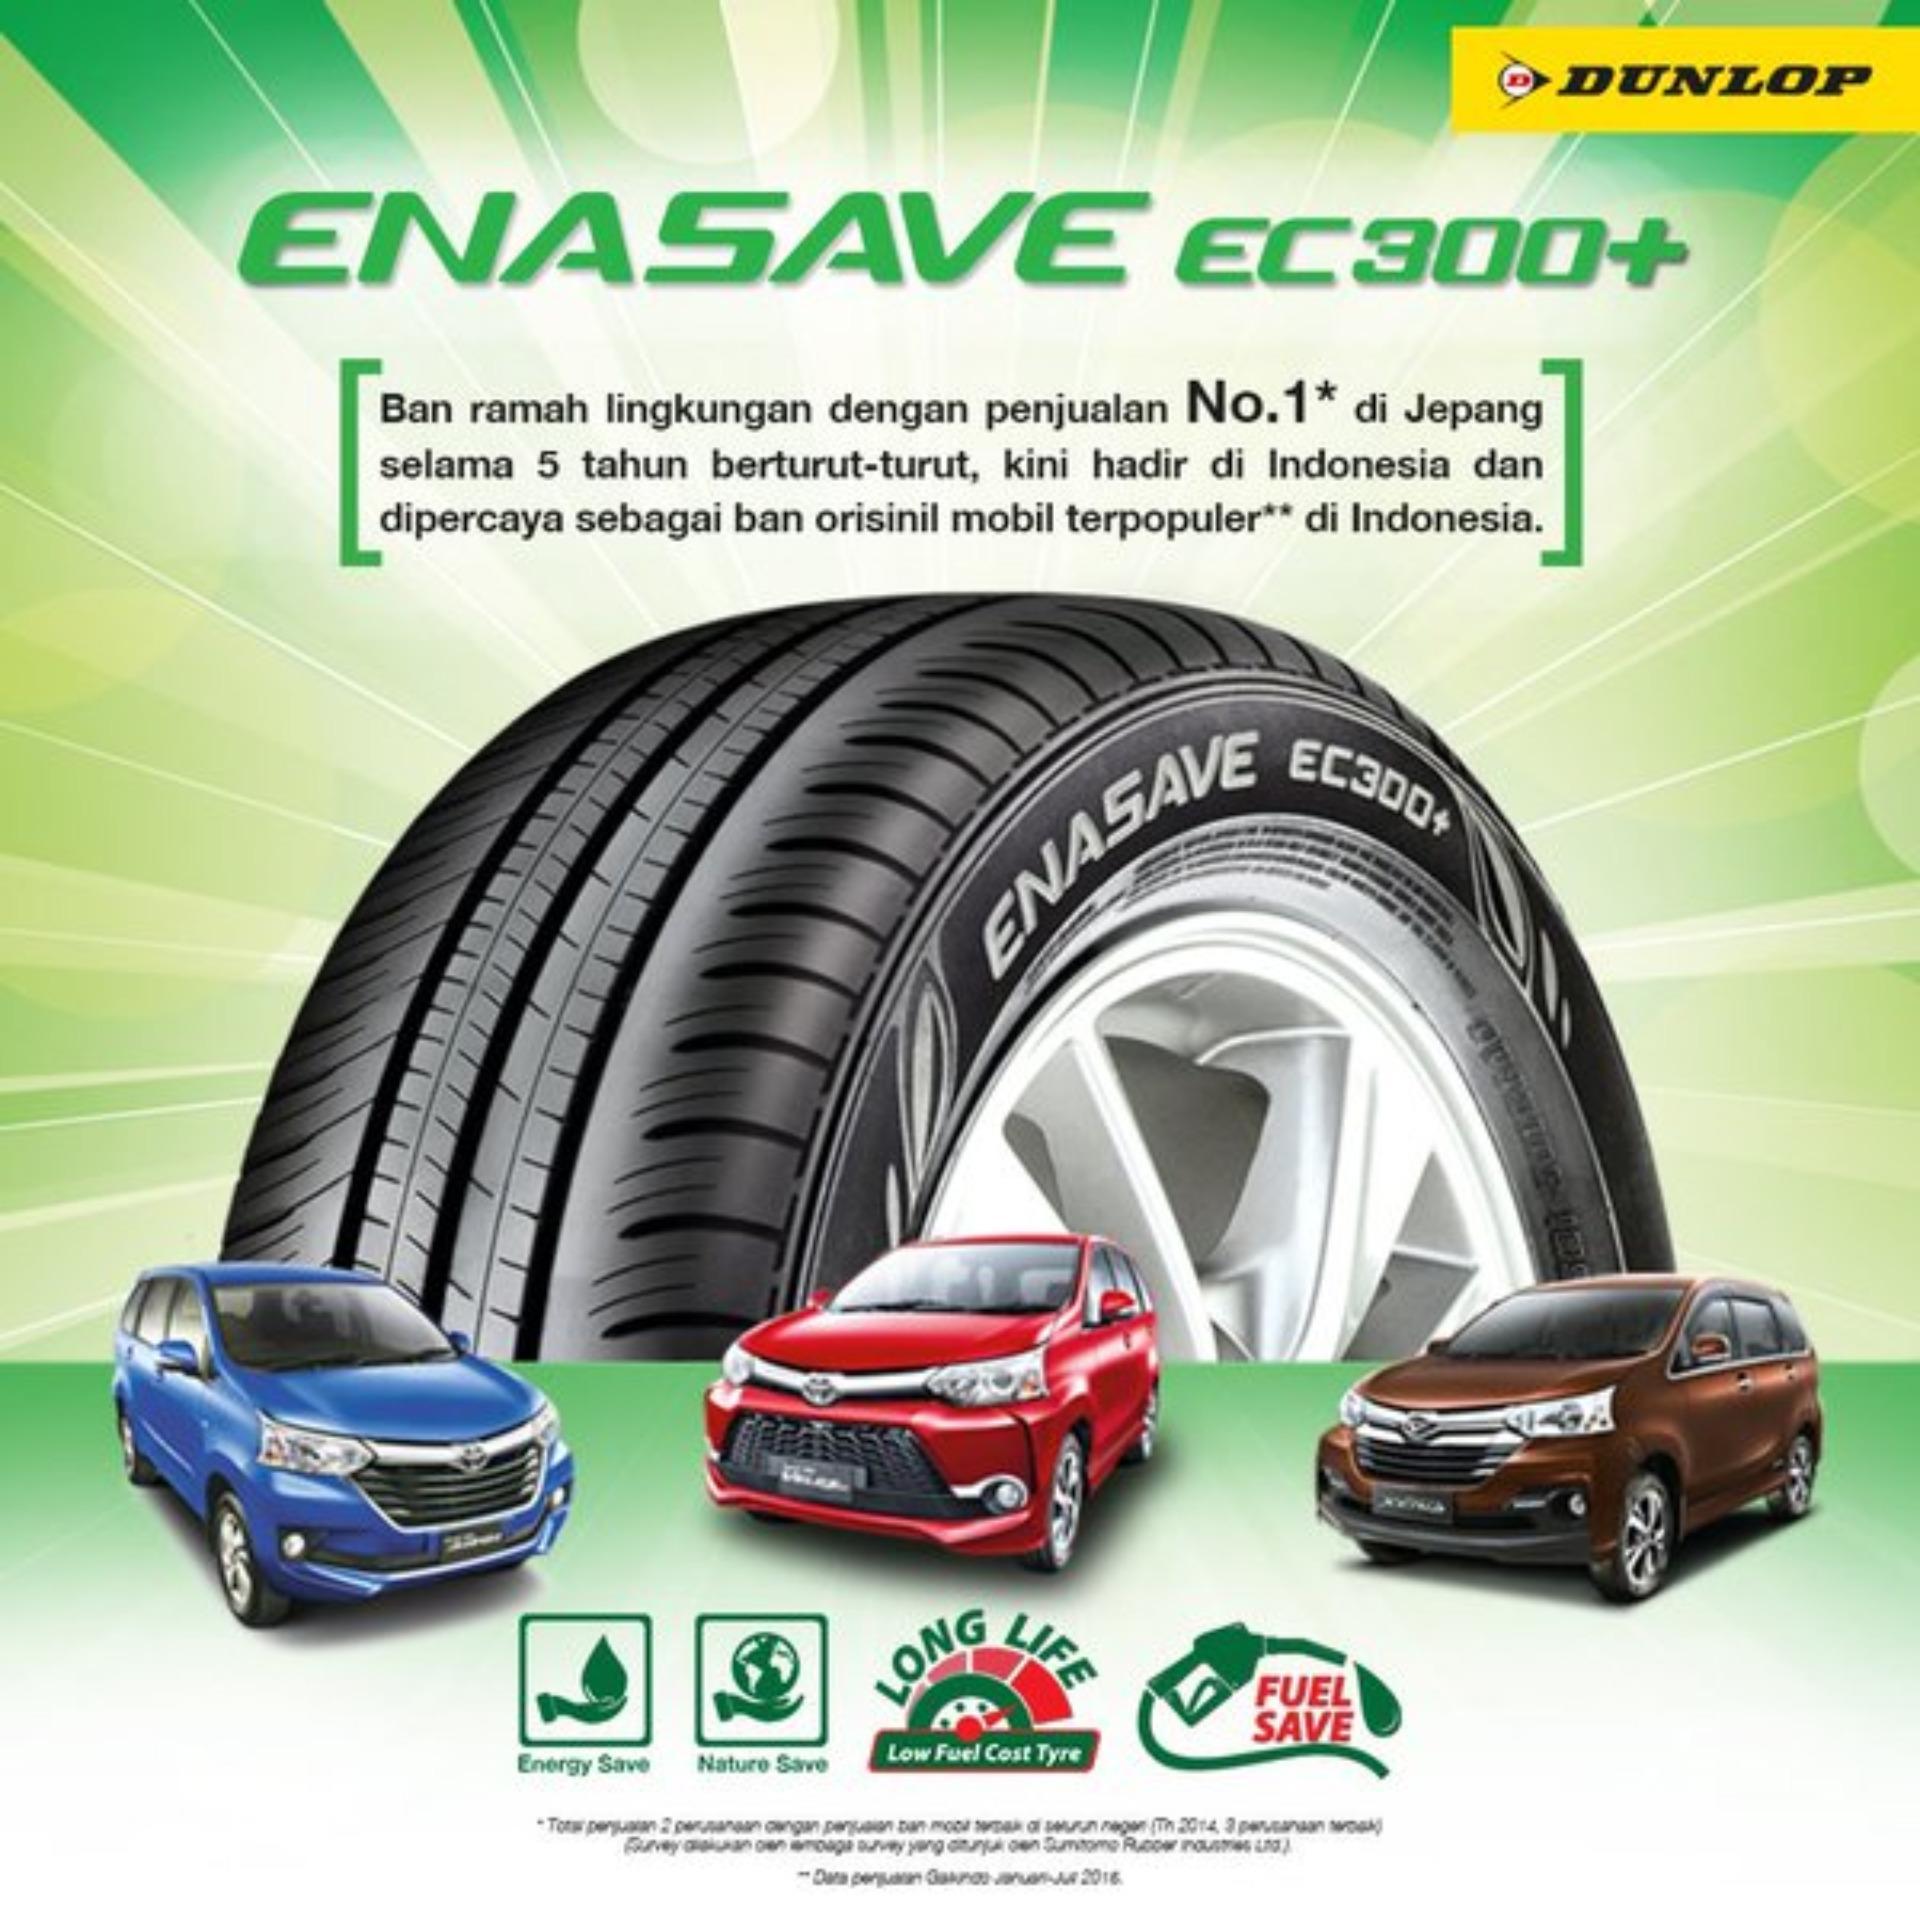 ENASAVE EC300+ 185/65R15